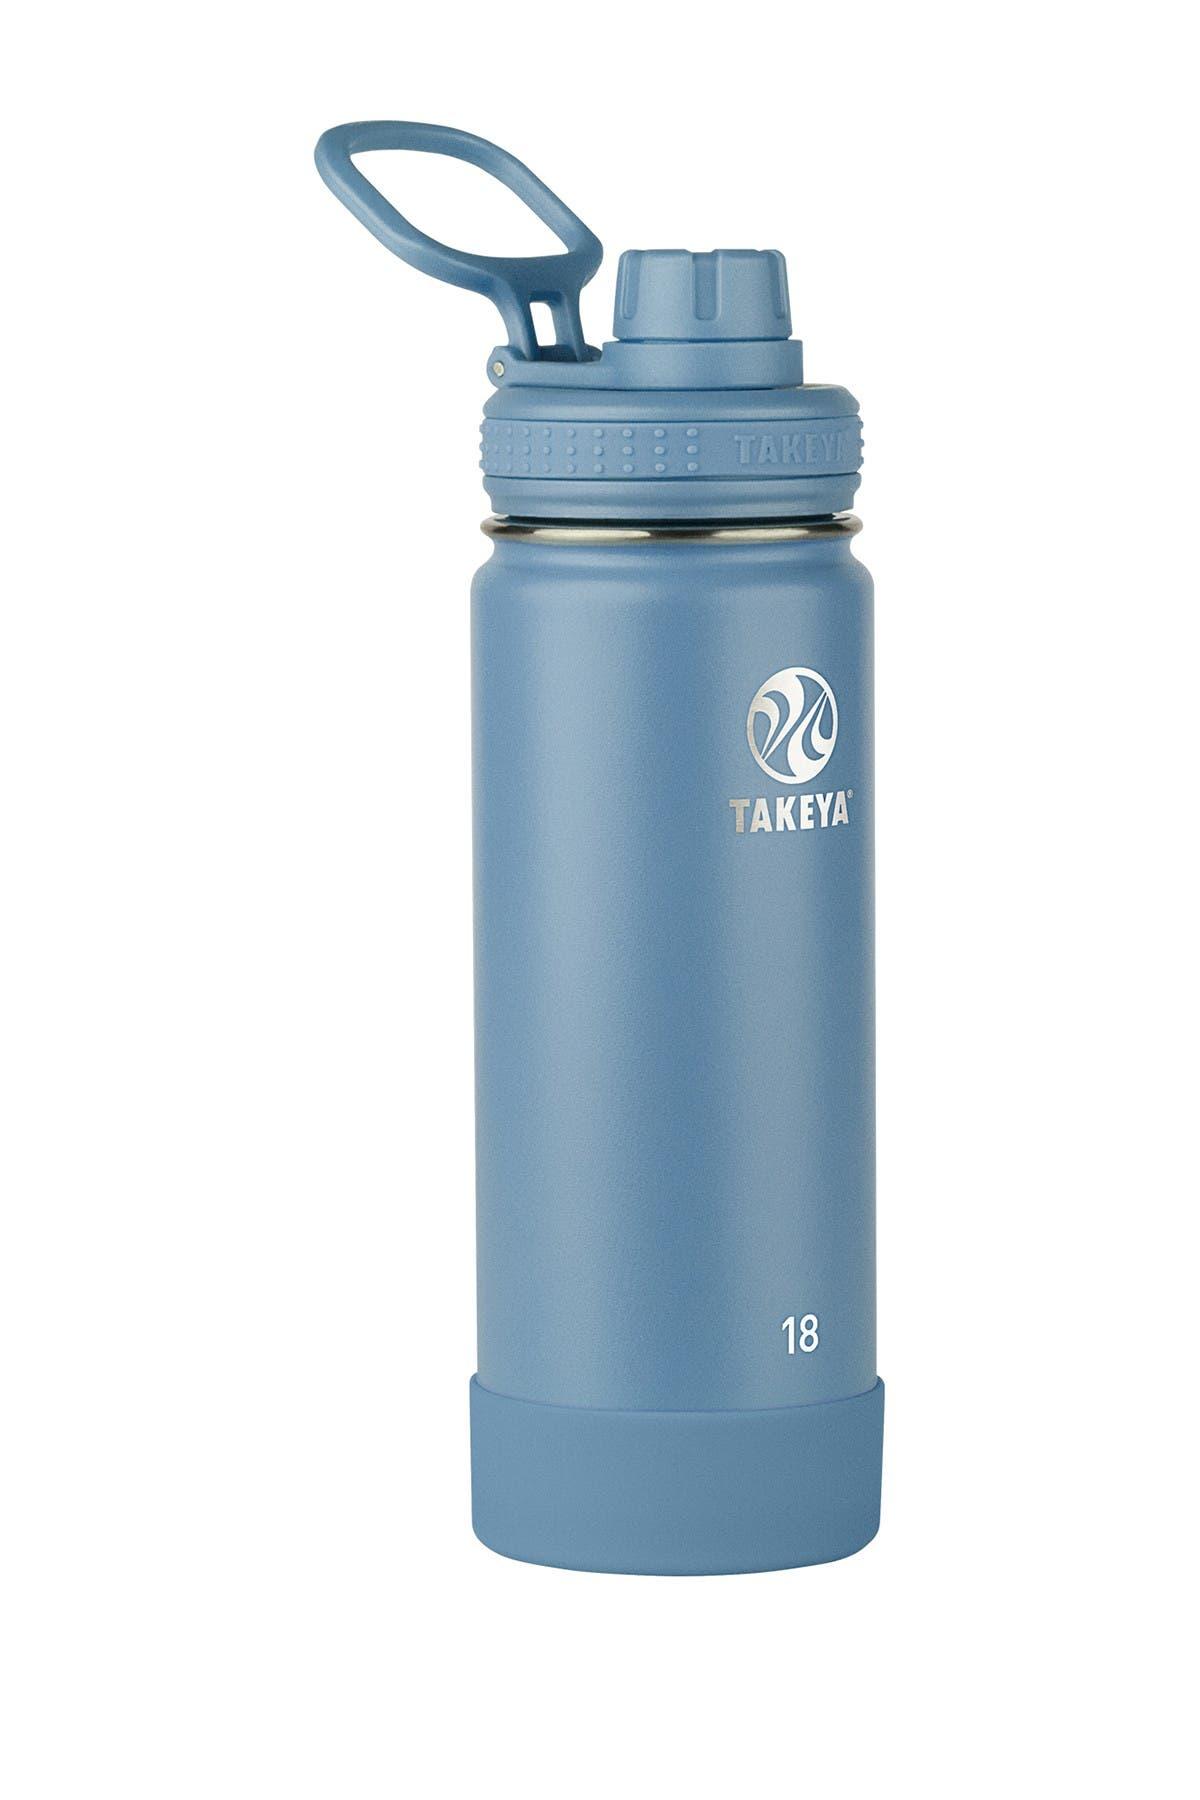 Image of Takeya Actives 18 oz. Spout Bottle - Bluestone